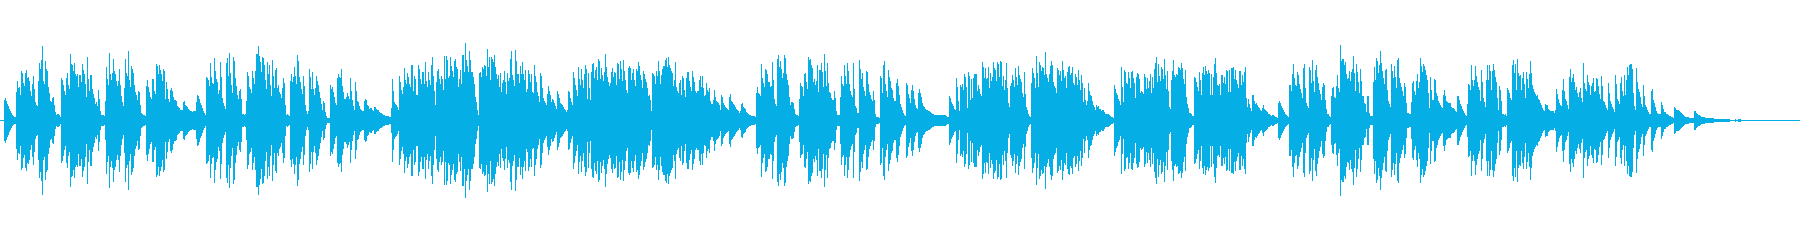 ショパン:ワルツ第19番 イ短調の再生済みの波形